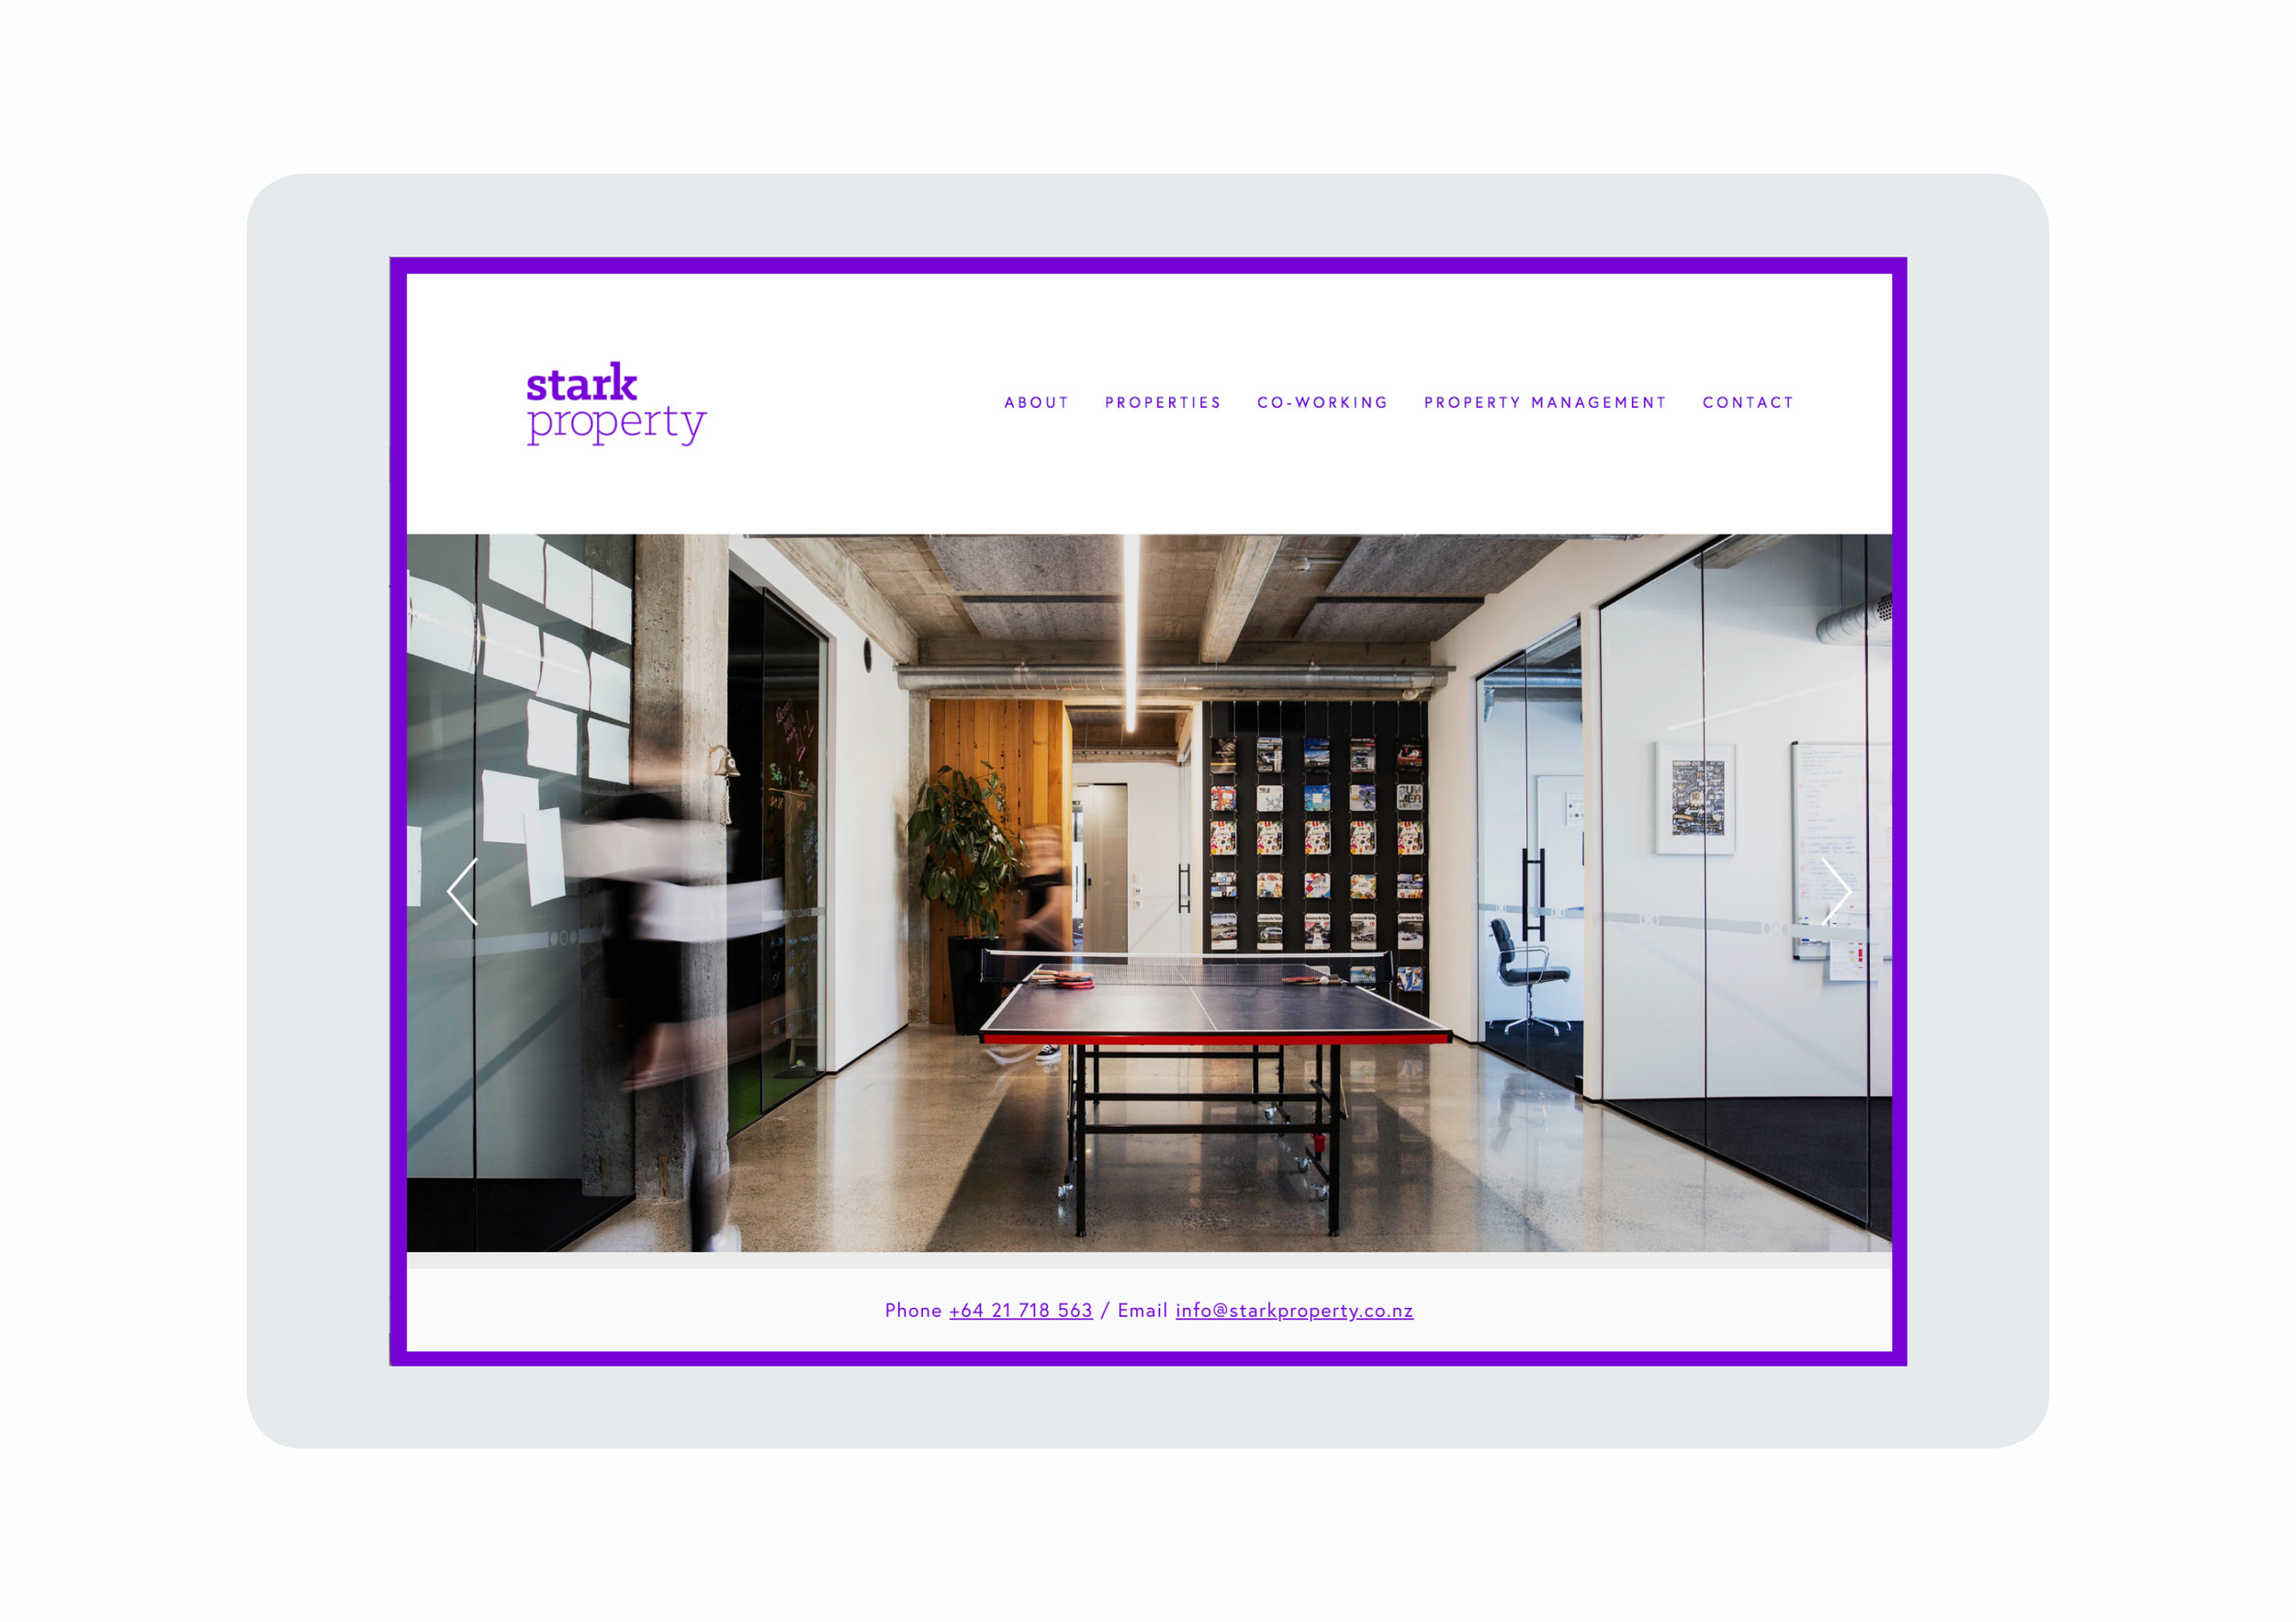 designwell-stark-property-website.jpg